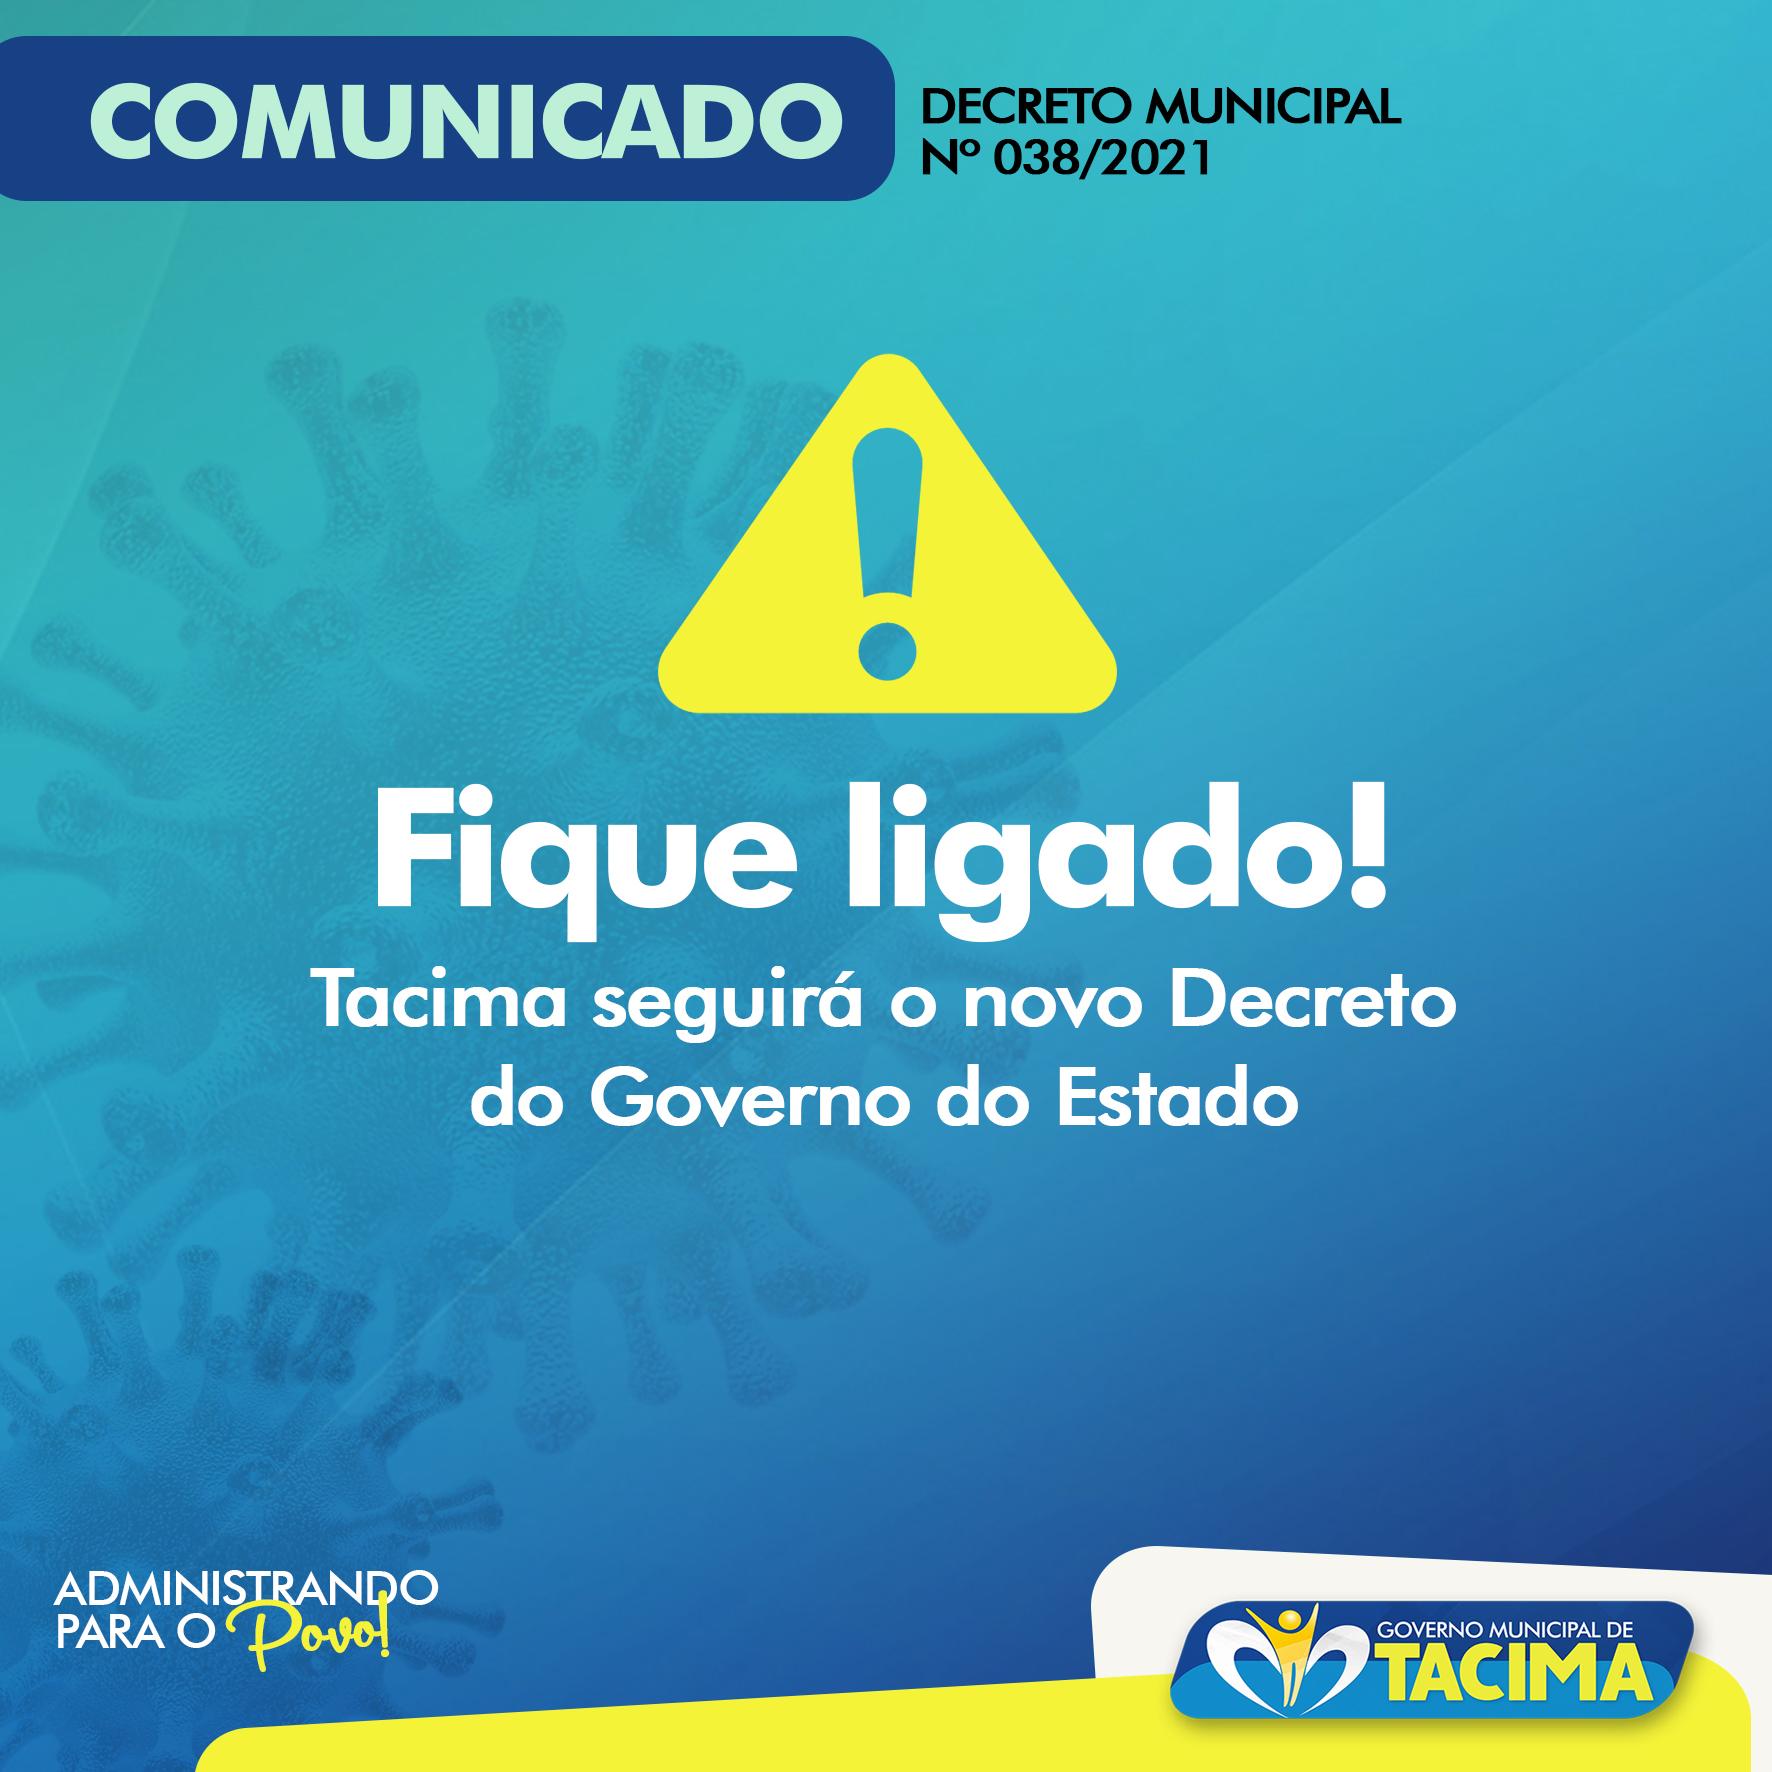 PREFEITURA DE TACIMA PUBLICA NOVO DECRETO QUE FLEXIBILIZA NOVAS ATIVIDADES NO MUNICÍPIO. CONFIRA!